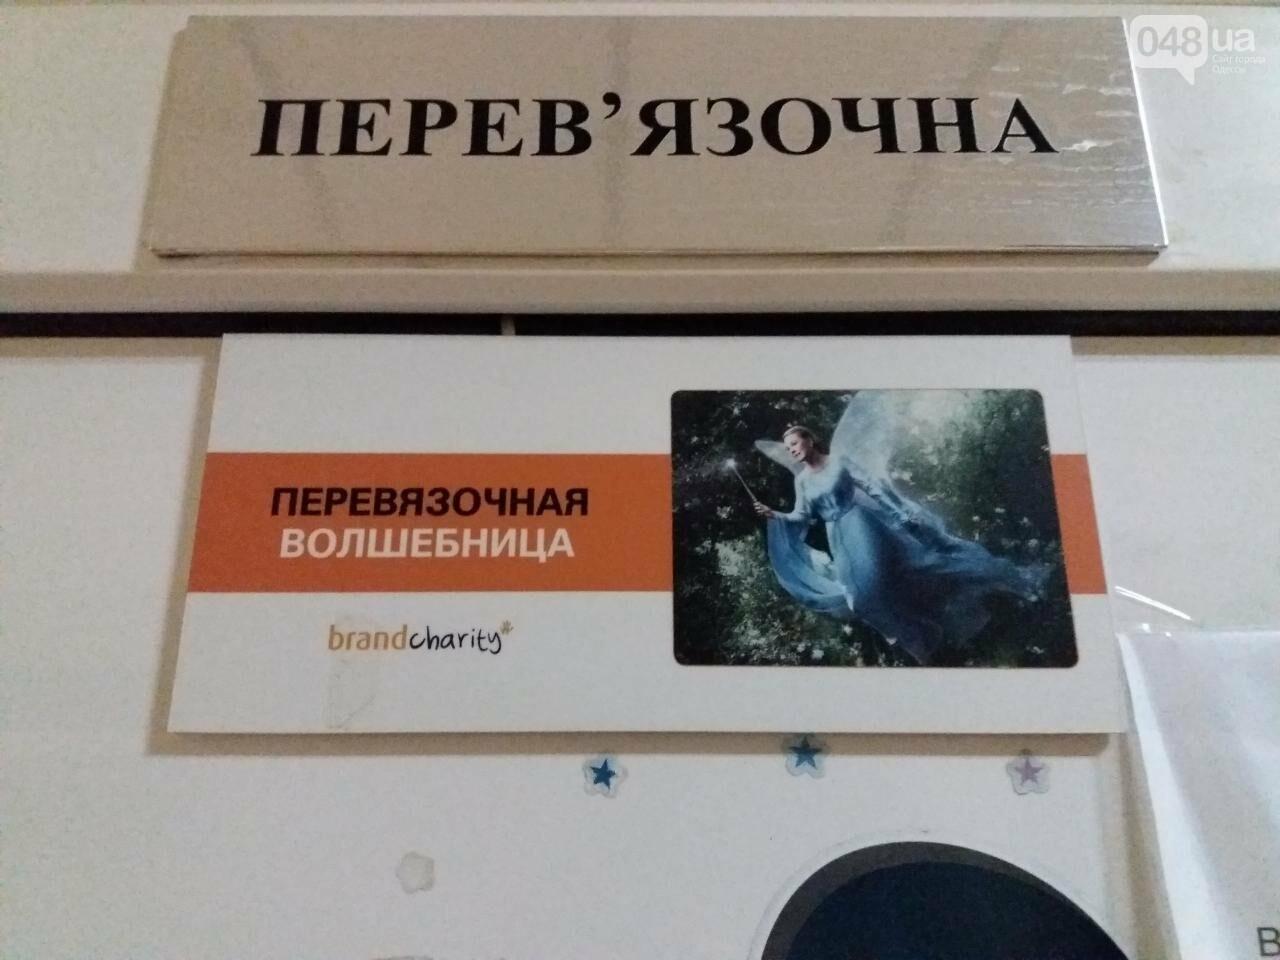 Фотоподборка: одесские вывески, способные довести до истерики, - ФОТО, фото-5